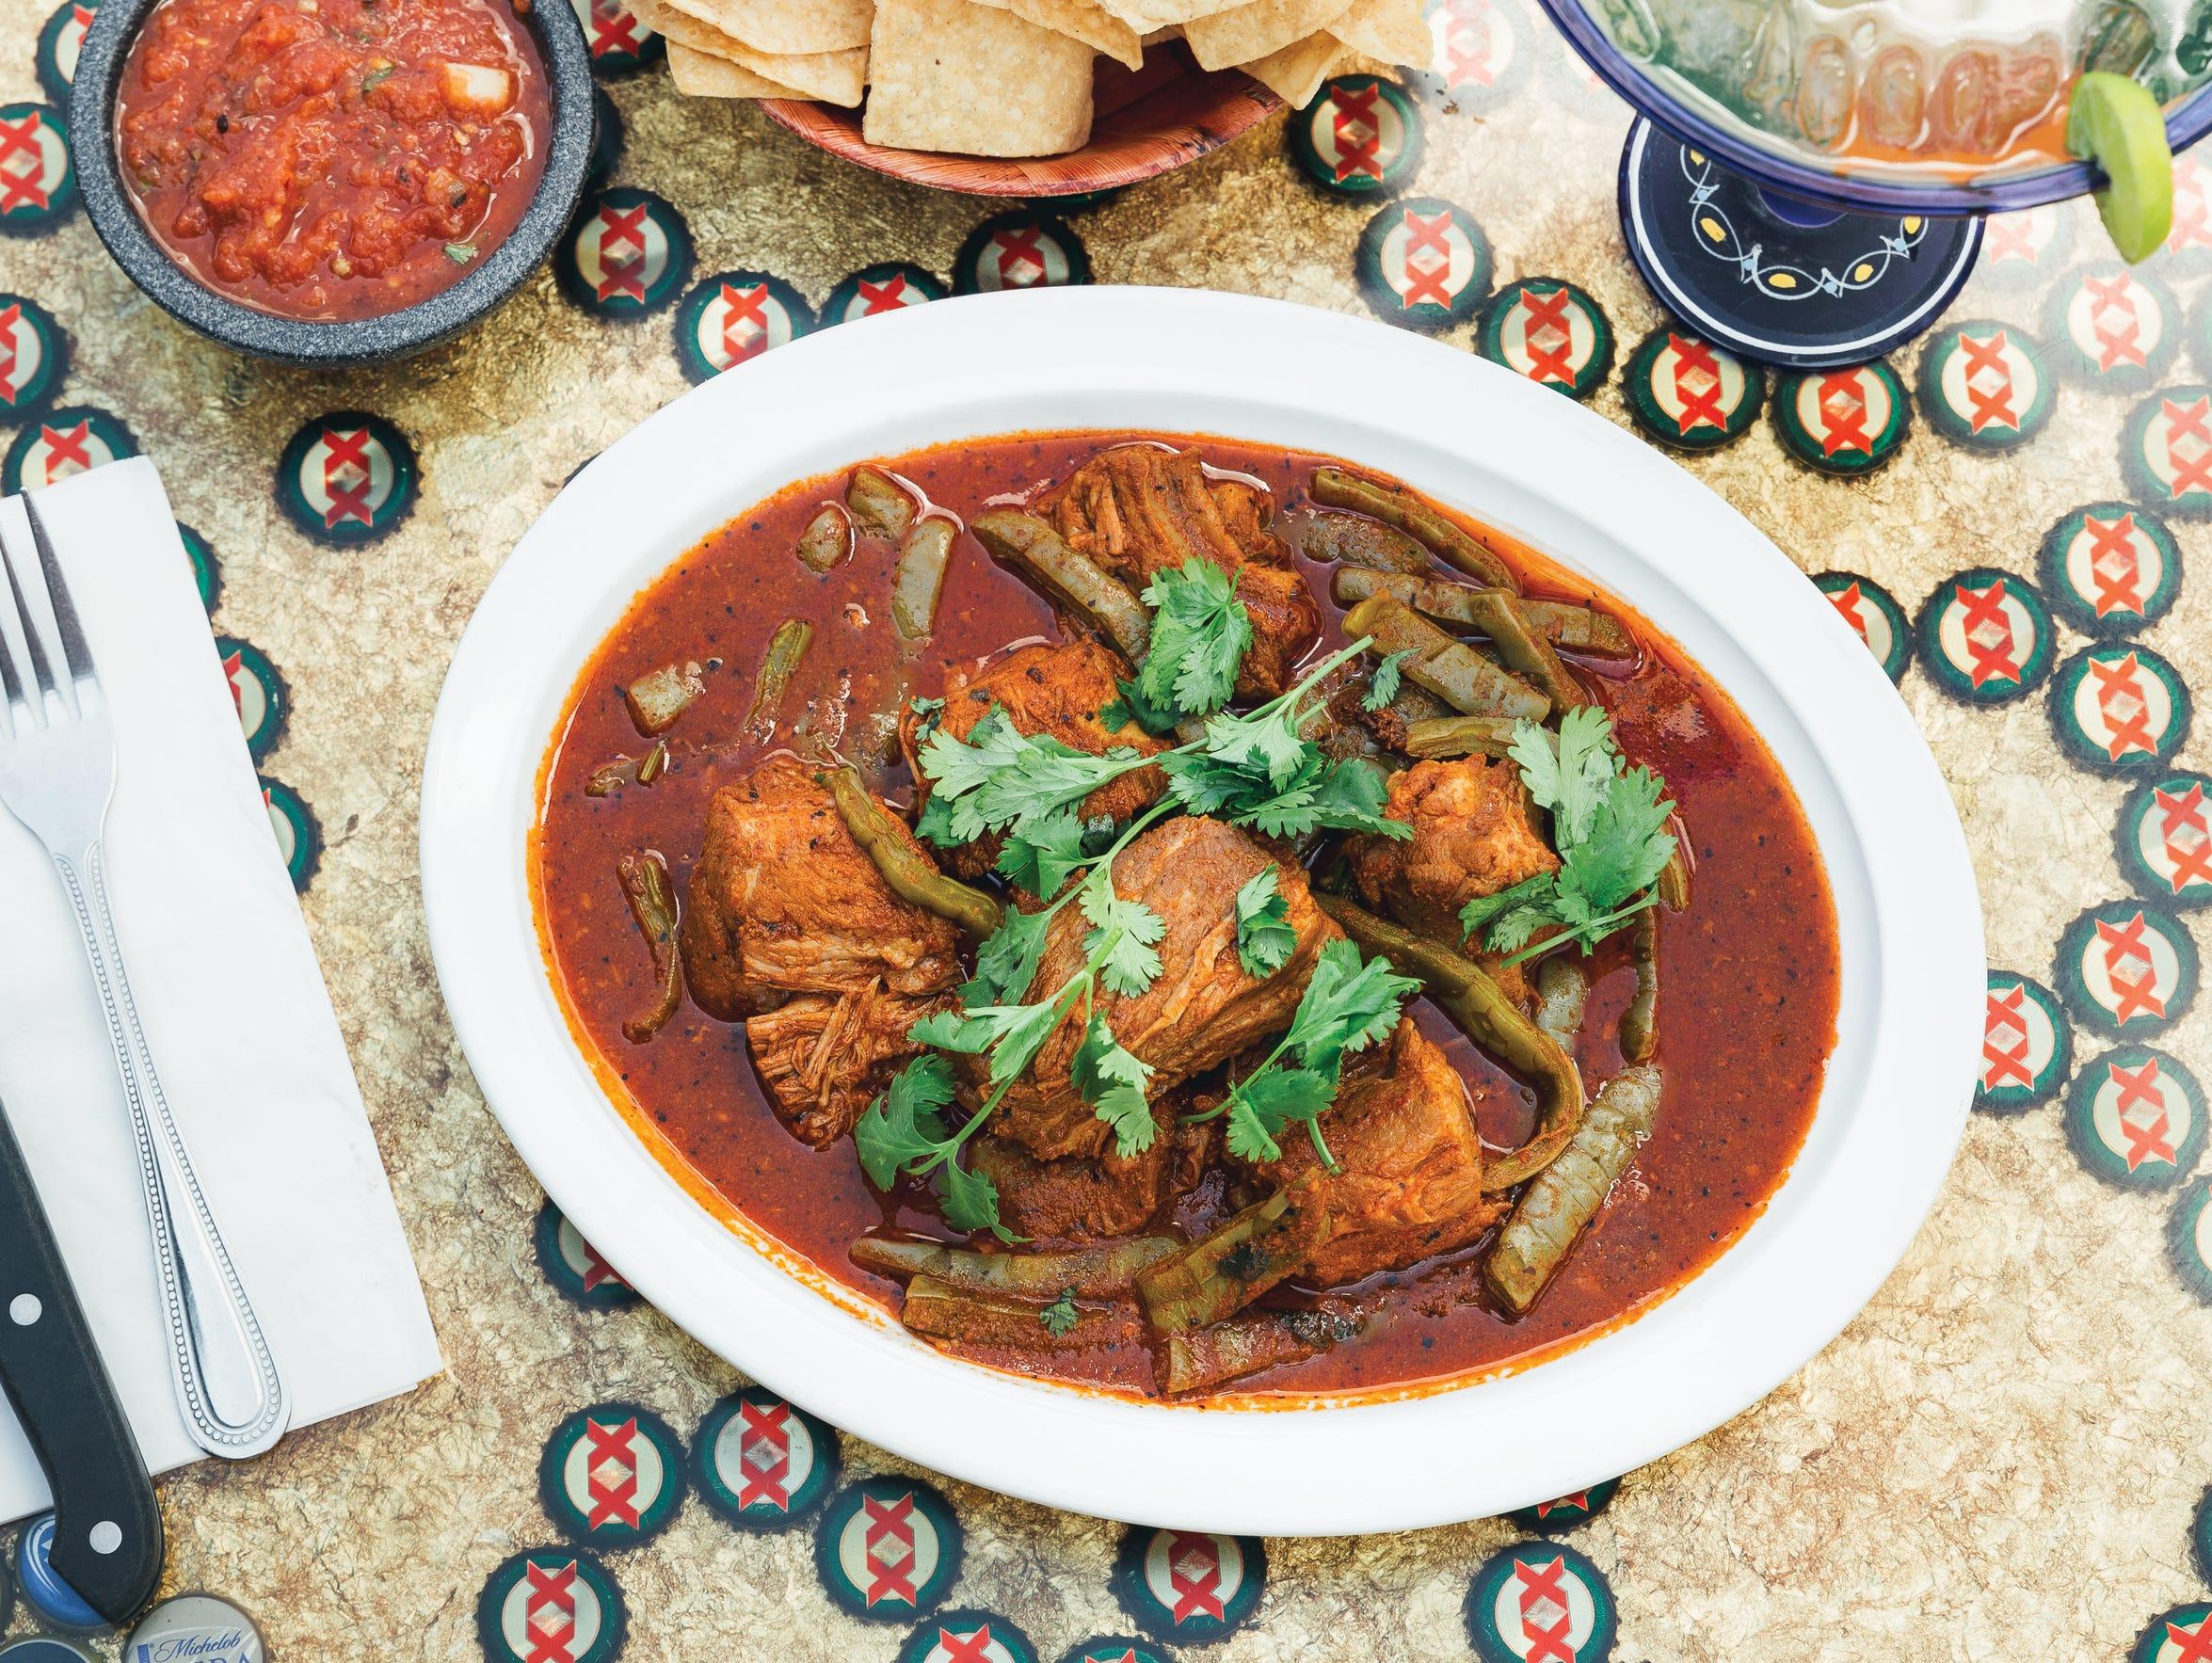 El Mexicali Café's costillas de puerco con nopales.